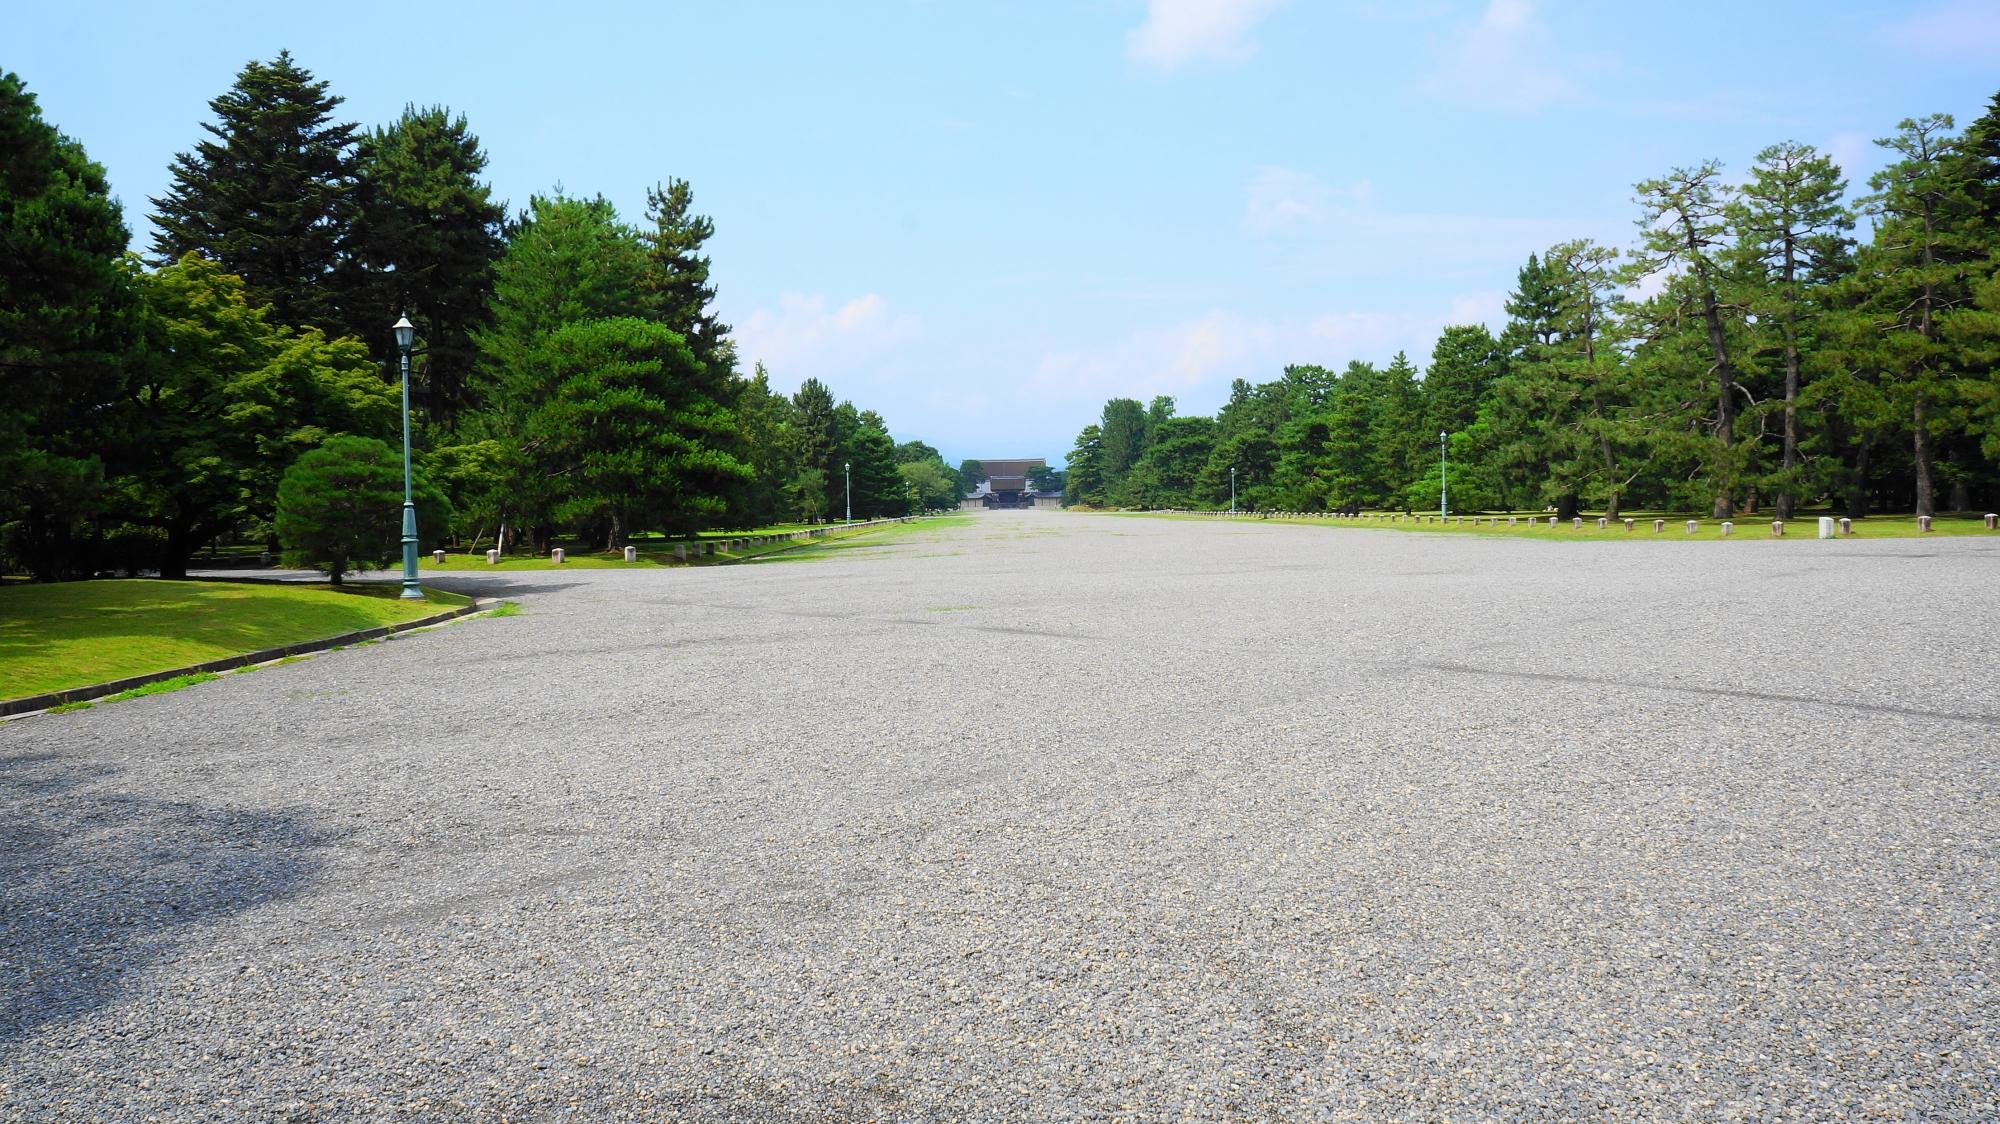 京都御苑の建礼門前大通りと小さく見える建礼門